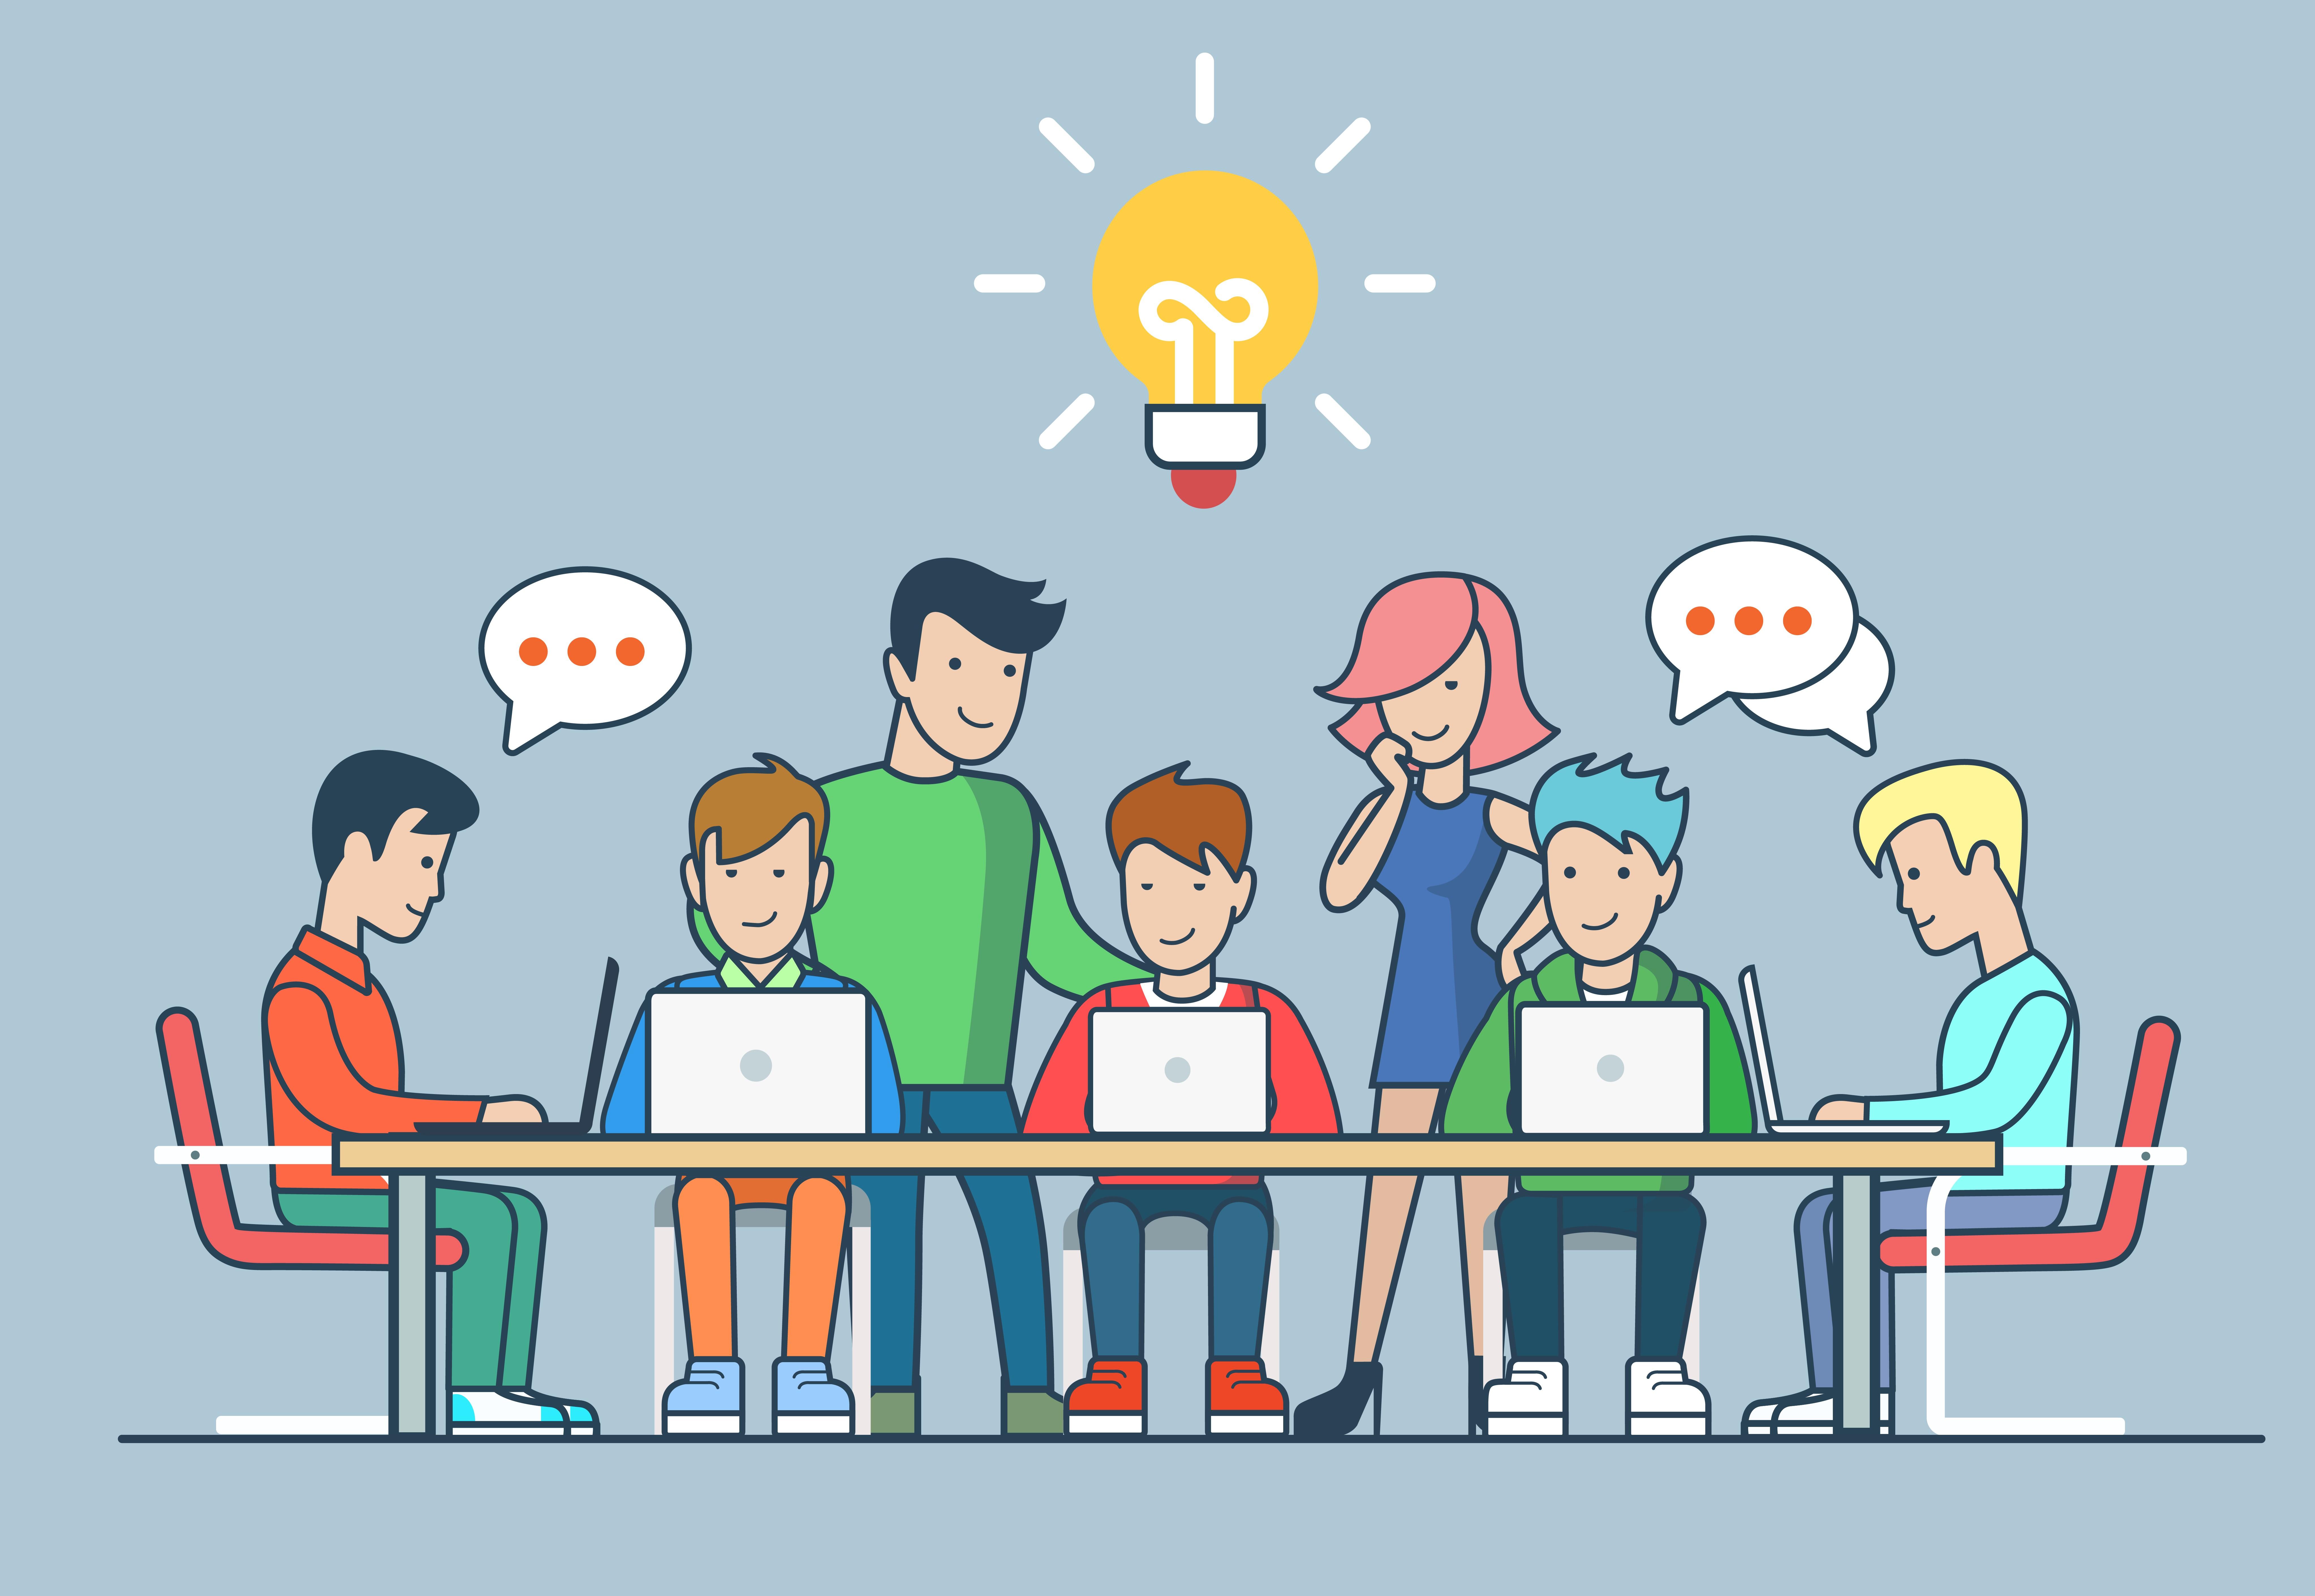 Comment améliorer l'efficacité de votre Centre de Contacts ? 3 Conseils simples ! 9